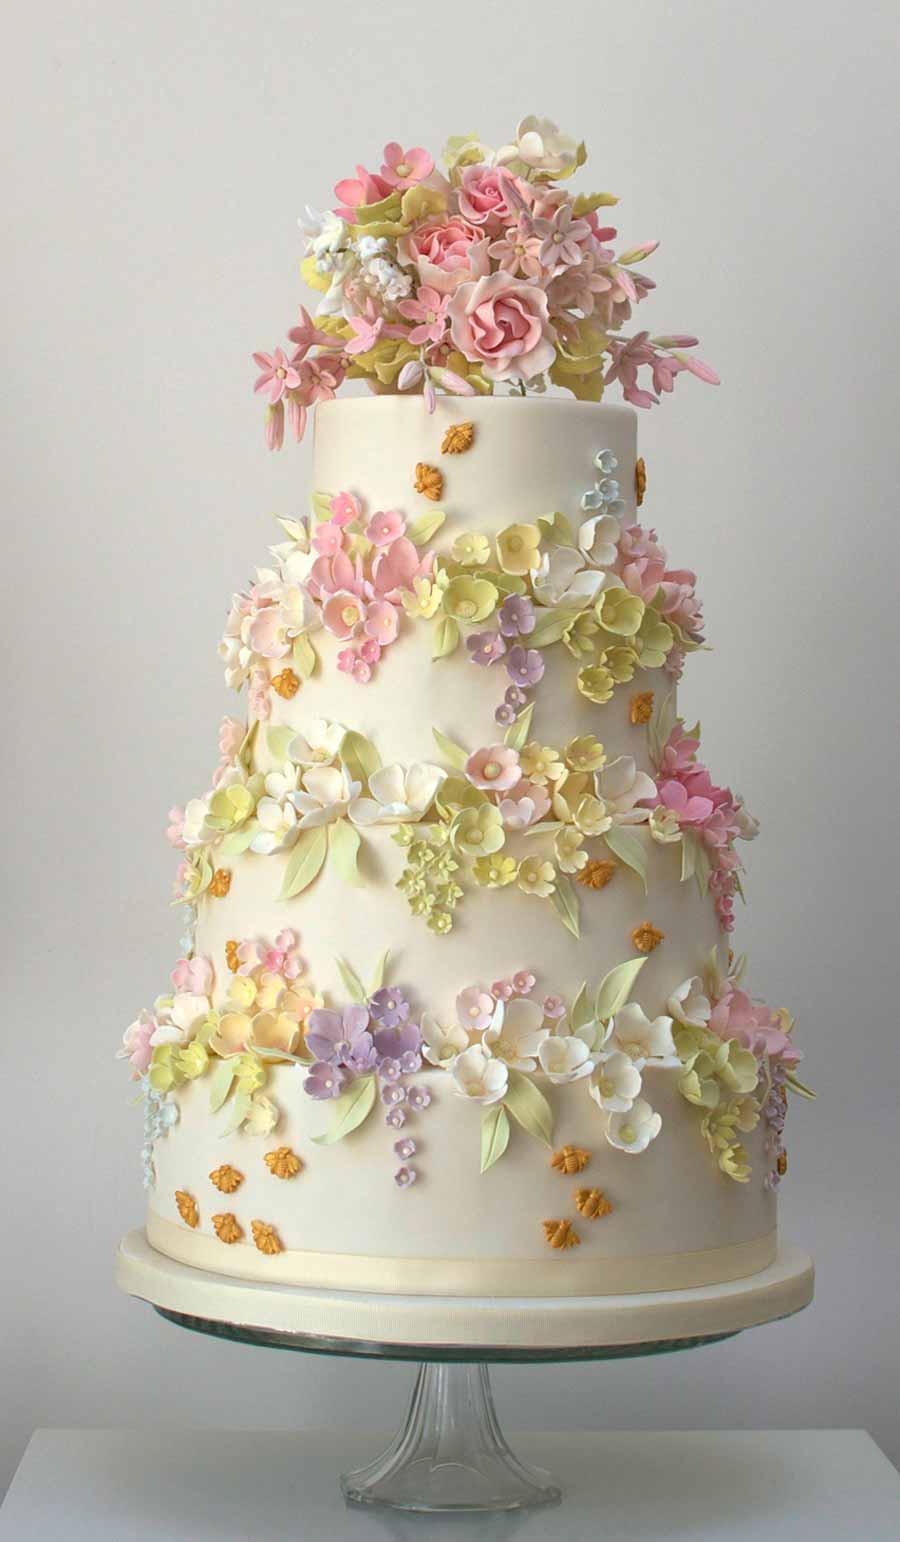 Stunning Wedding Cakes  Top 50 UK Wedding Cake Designers